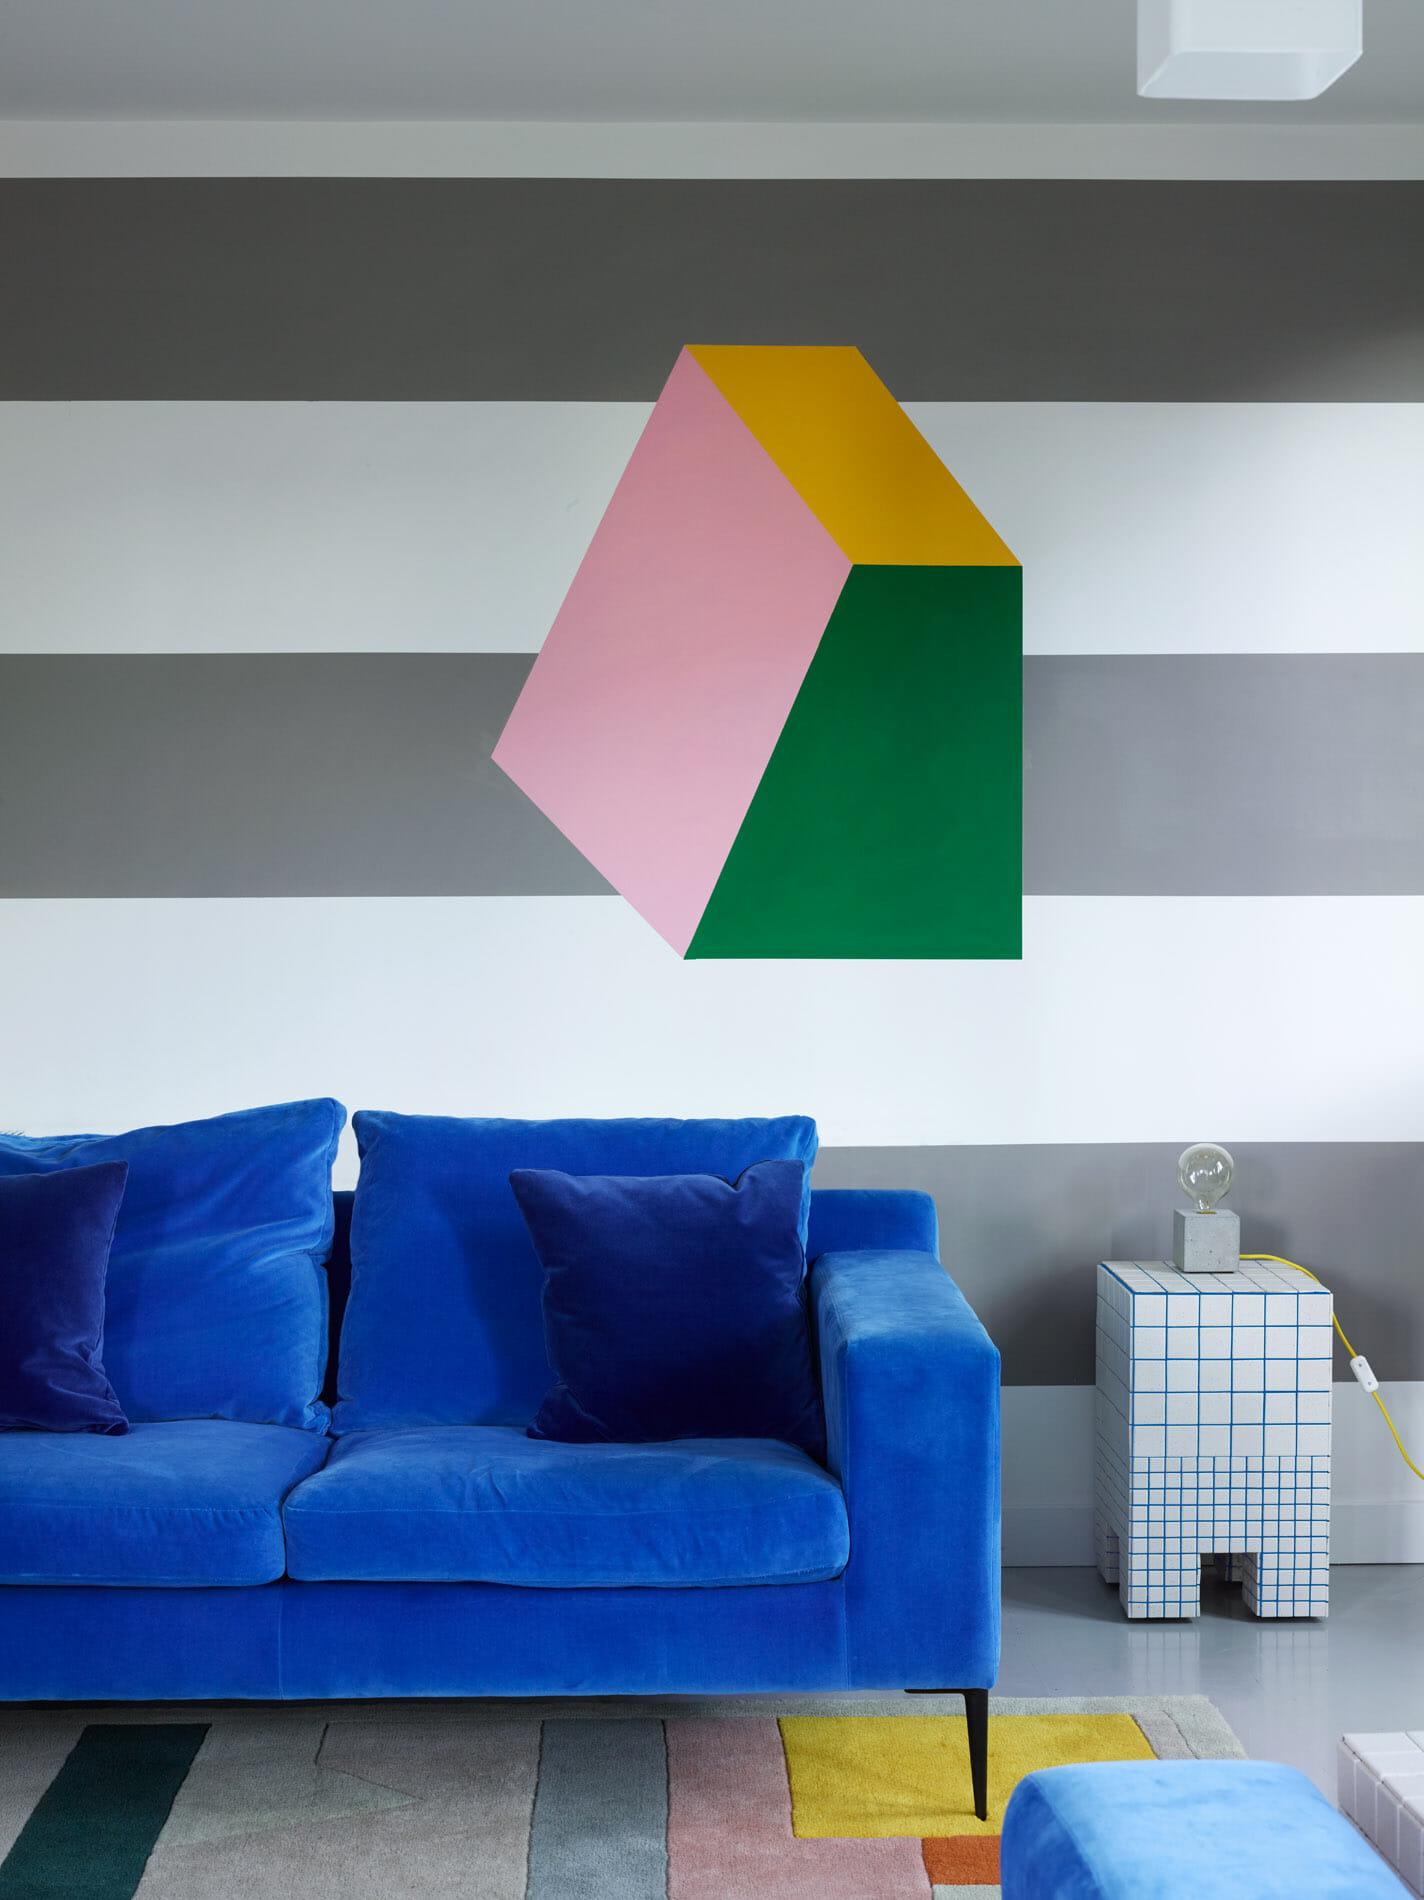 rachael-smith-interiors-14122019-085-1